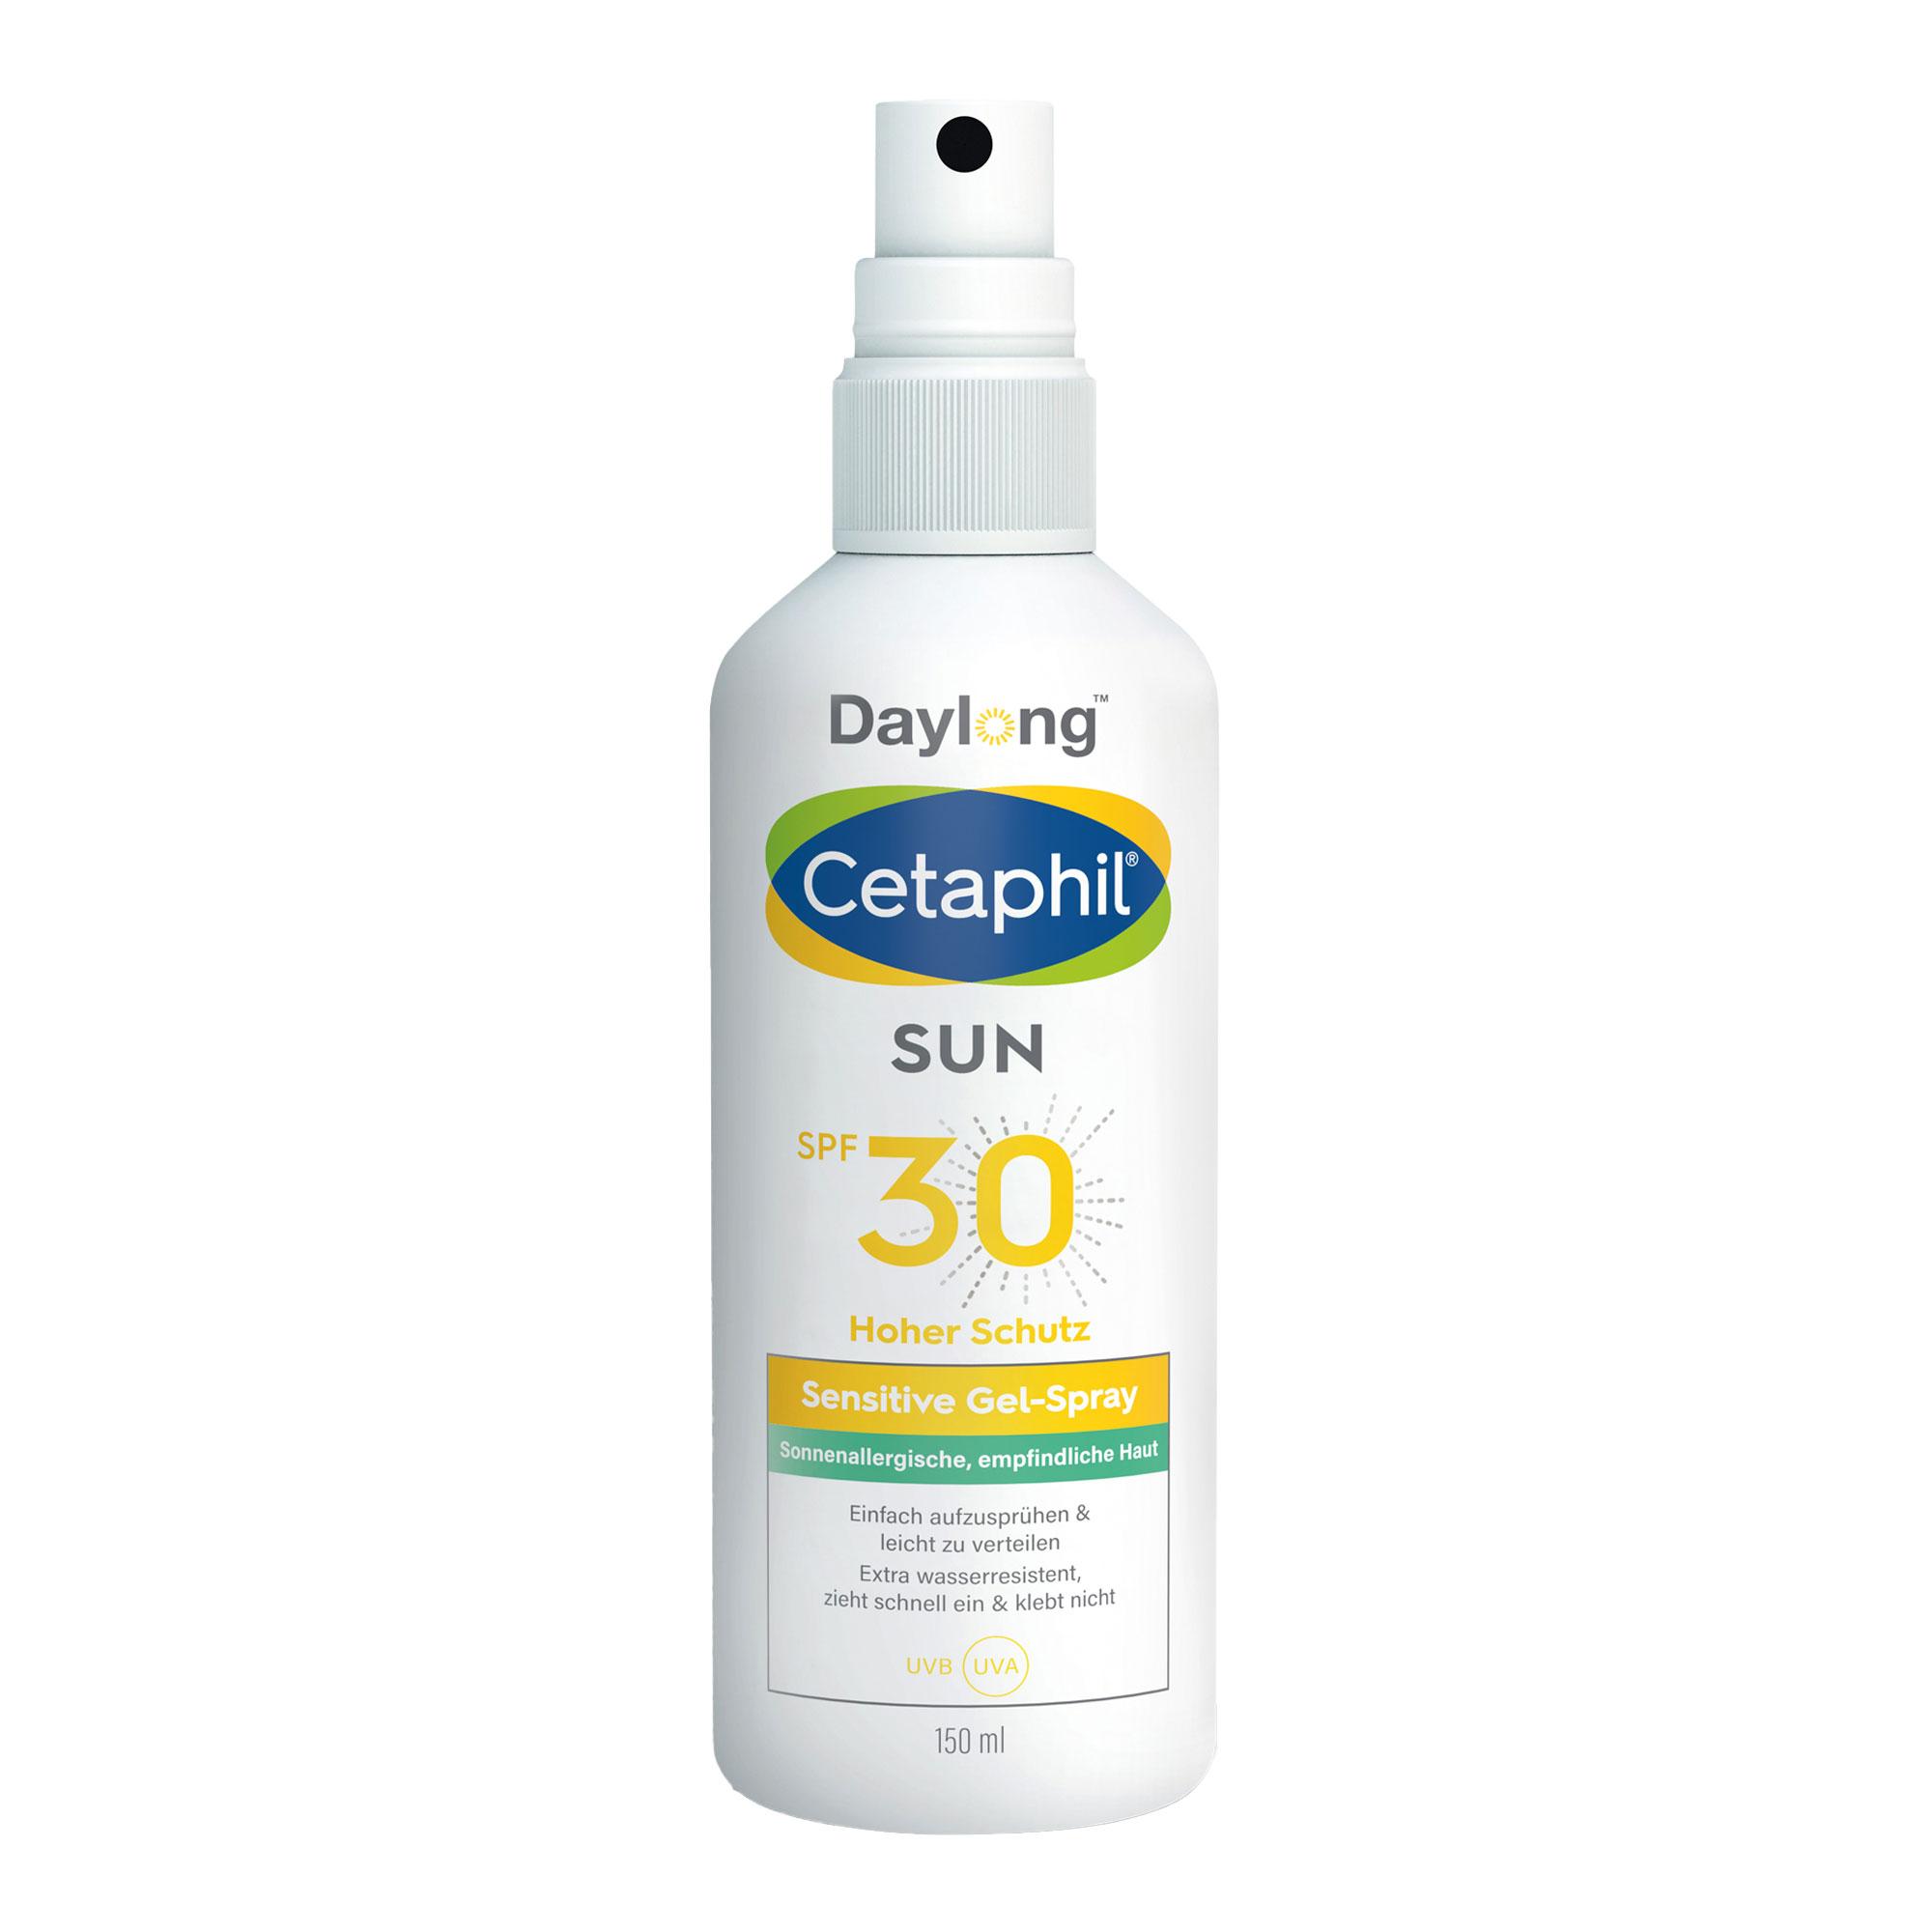 Cetaphil Sun Daylong SPF 30 sensitive Gel-Spray